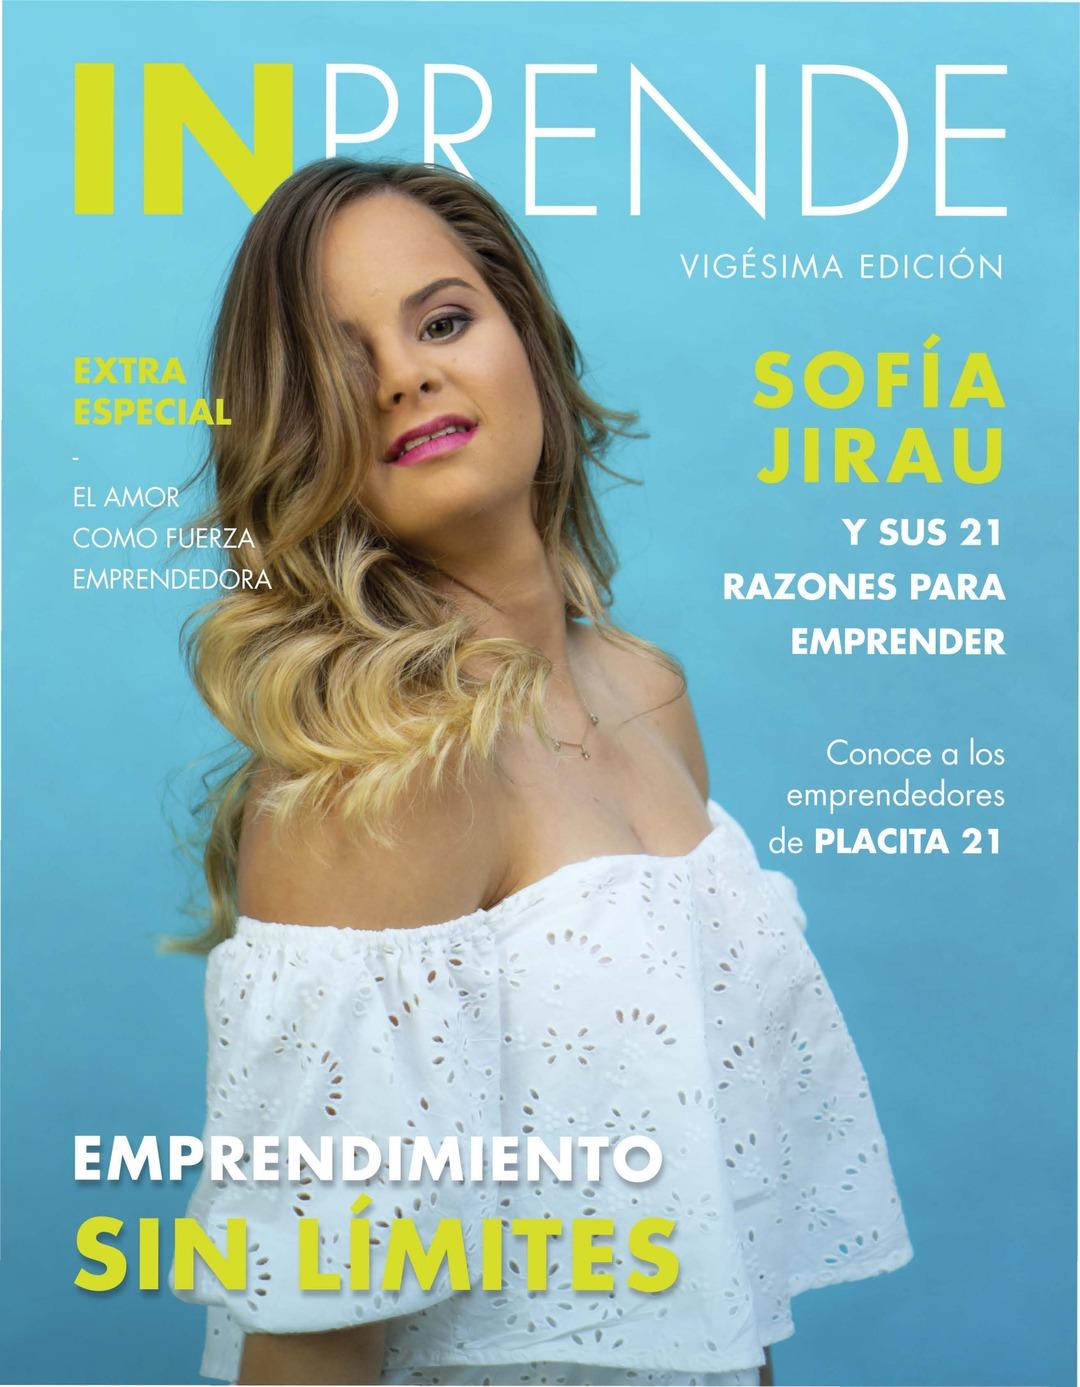 Page 1 of Revista INprende- Vig\u00E9sima Edici\u00F3n